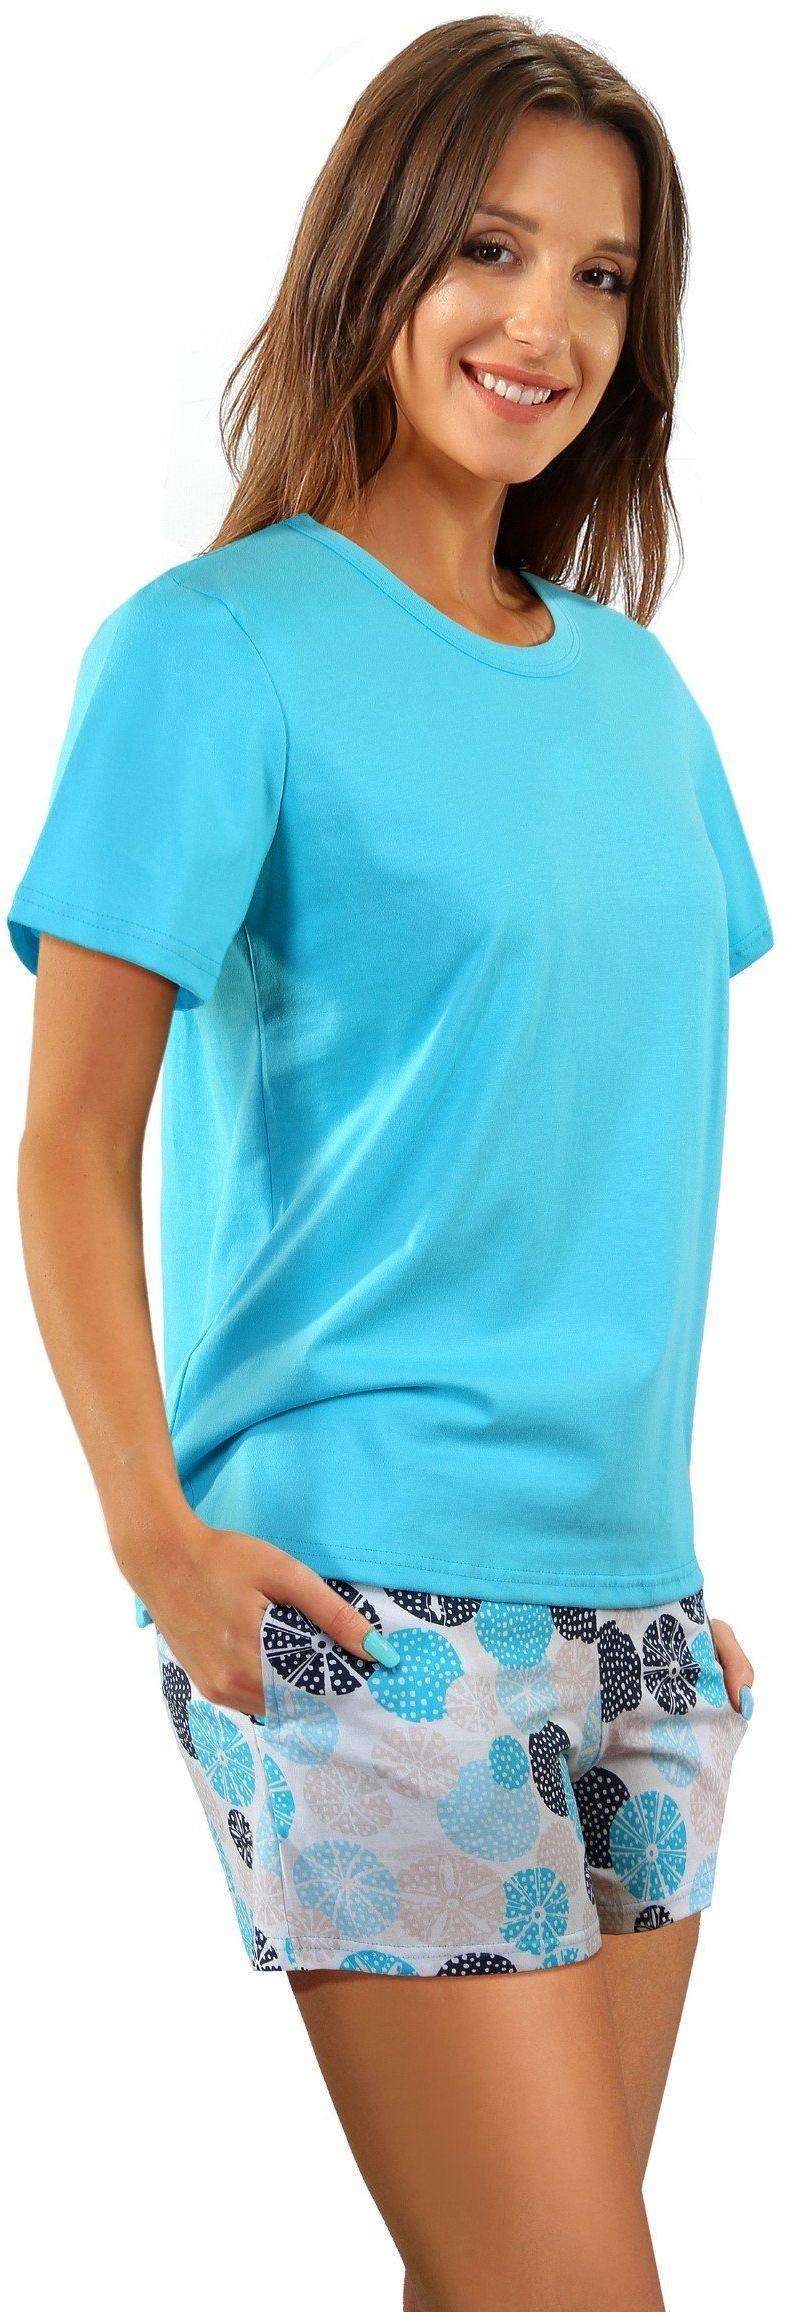 piżama damska 2498/09 100% Bawełna z kieszeniami Sesto Senso